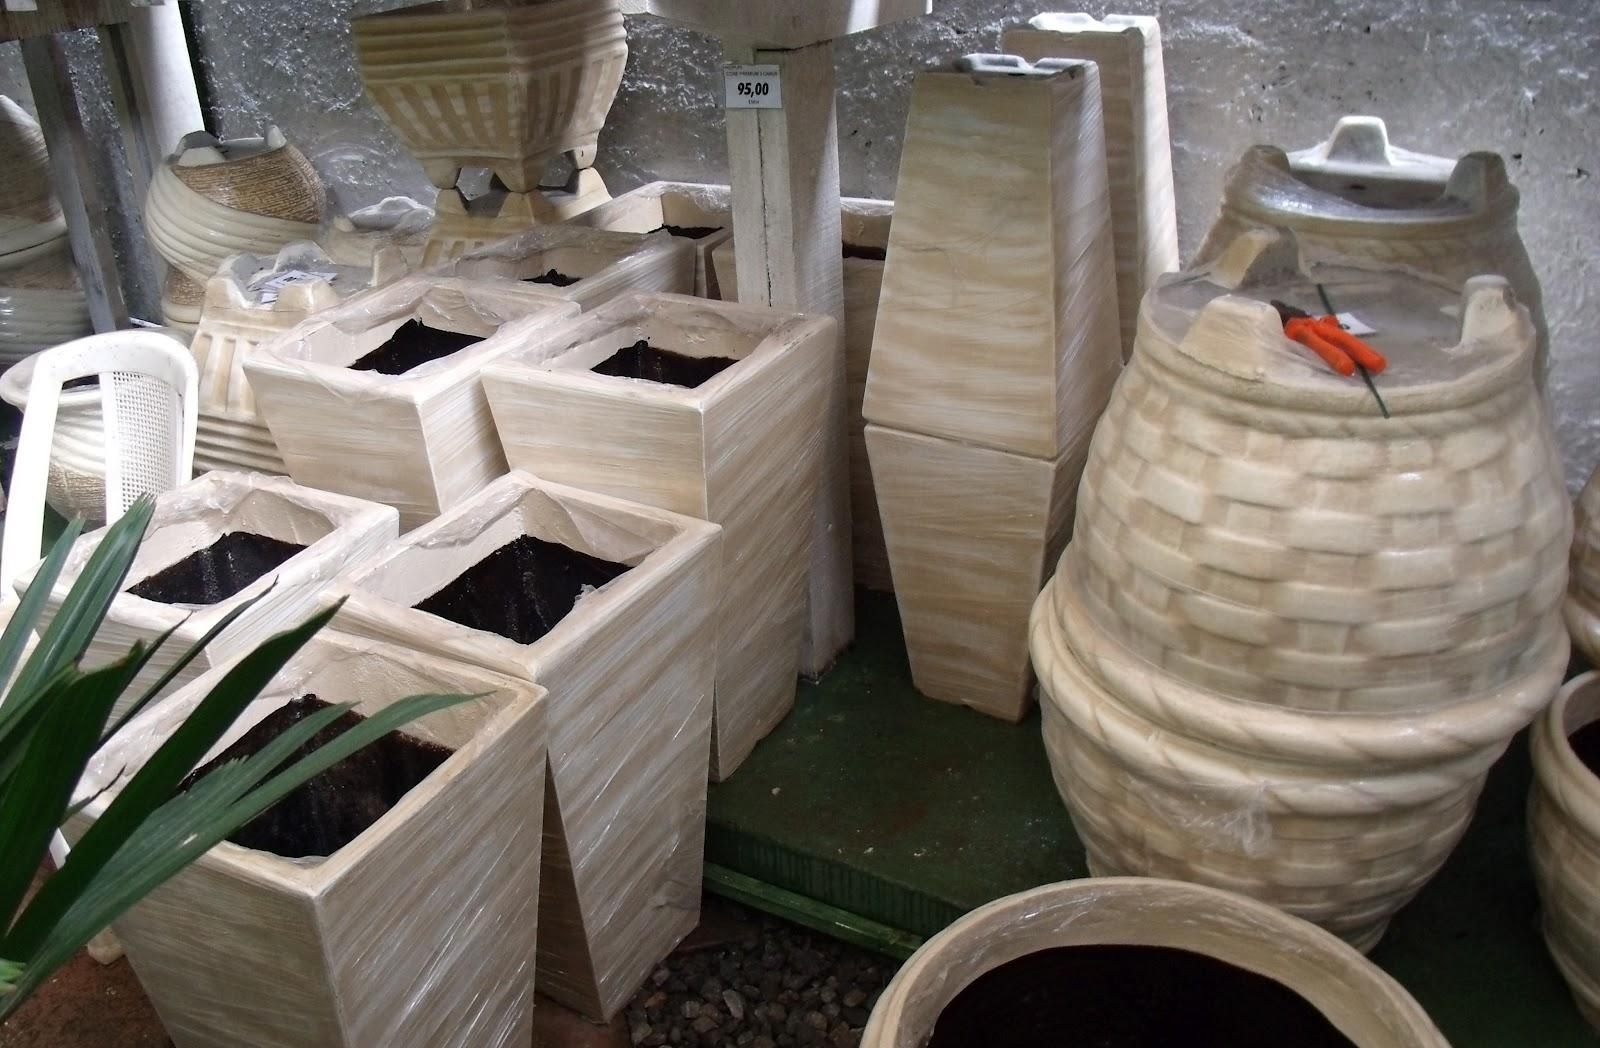 plantas jardins vasos : plantas jardins vasos:Fênix Plantas e Jardins: Vasos de Cimento – Resistência a toda prova